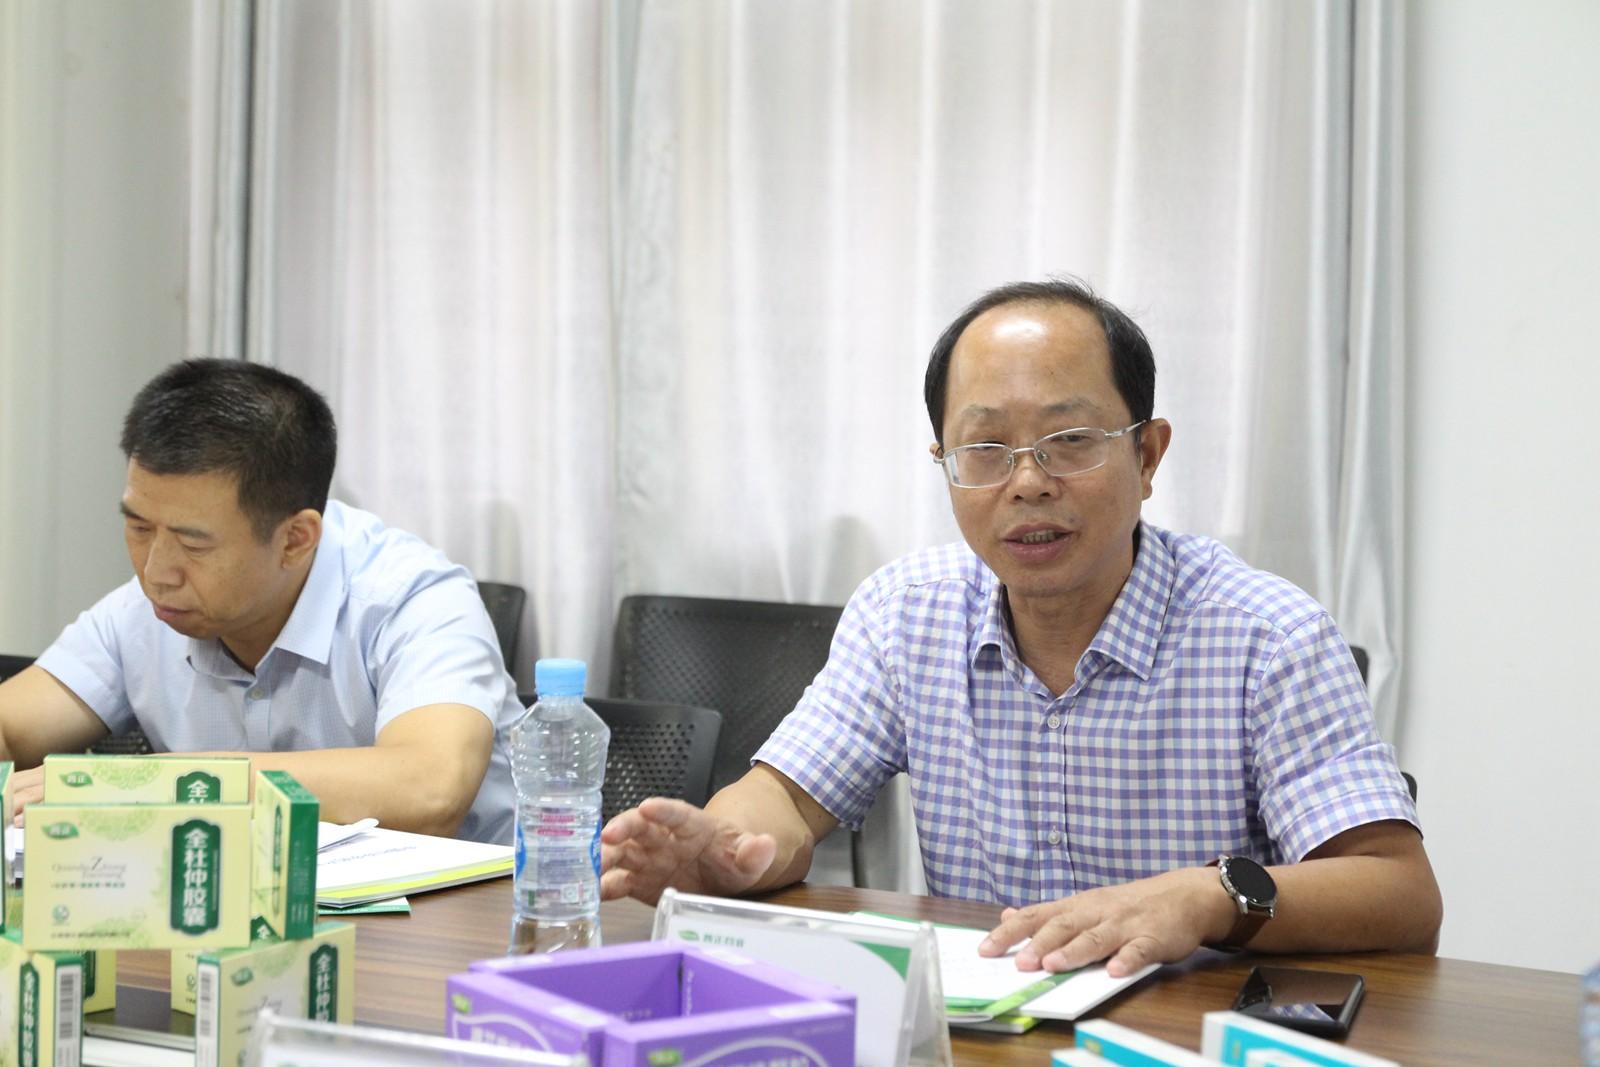 质量月质量行,刘建平局长到江西普正制药调研